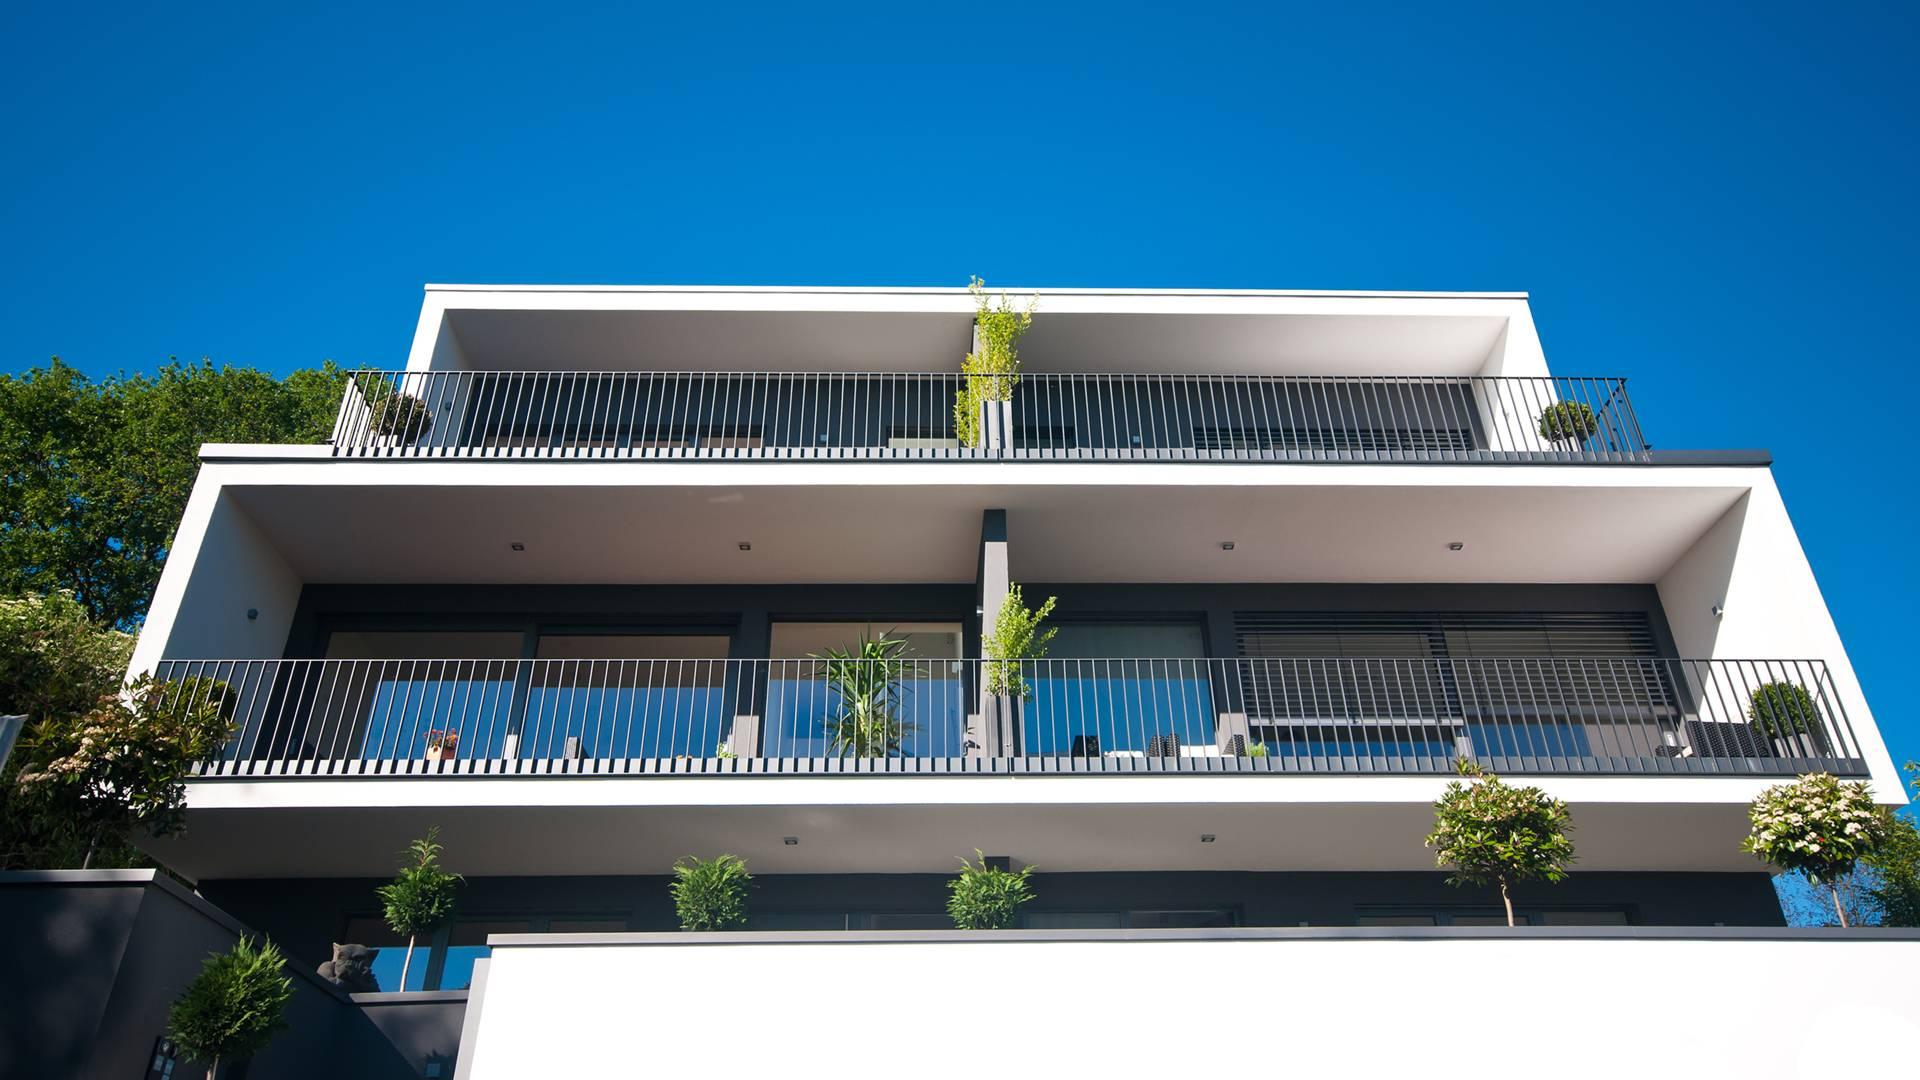 mehrfamilienhaus abgetrennte balkone